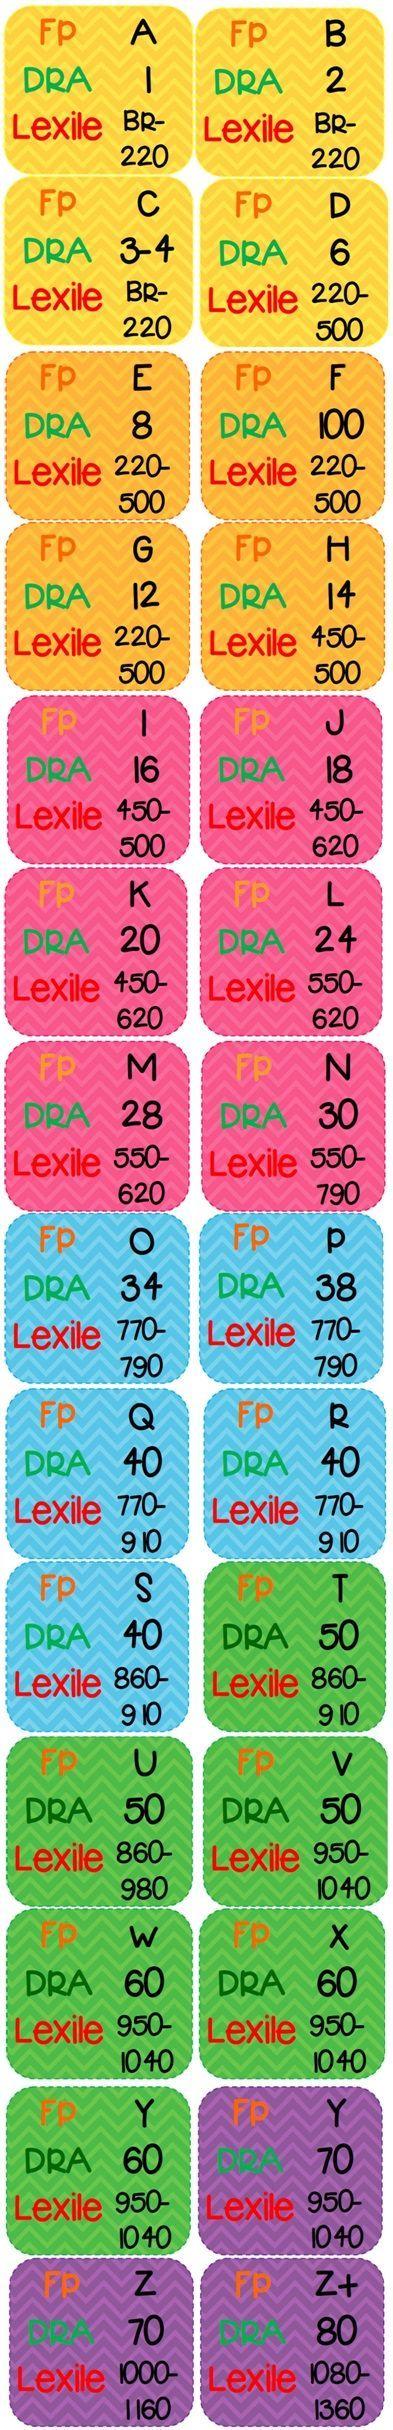 List Of Pinterest Lexile Conversion Chart Classroom Images Lexile